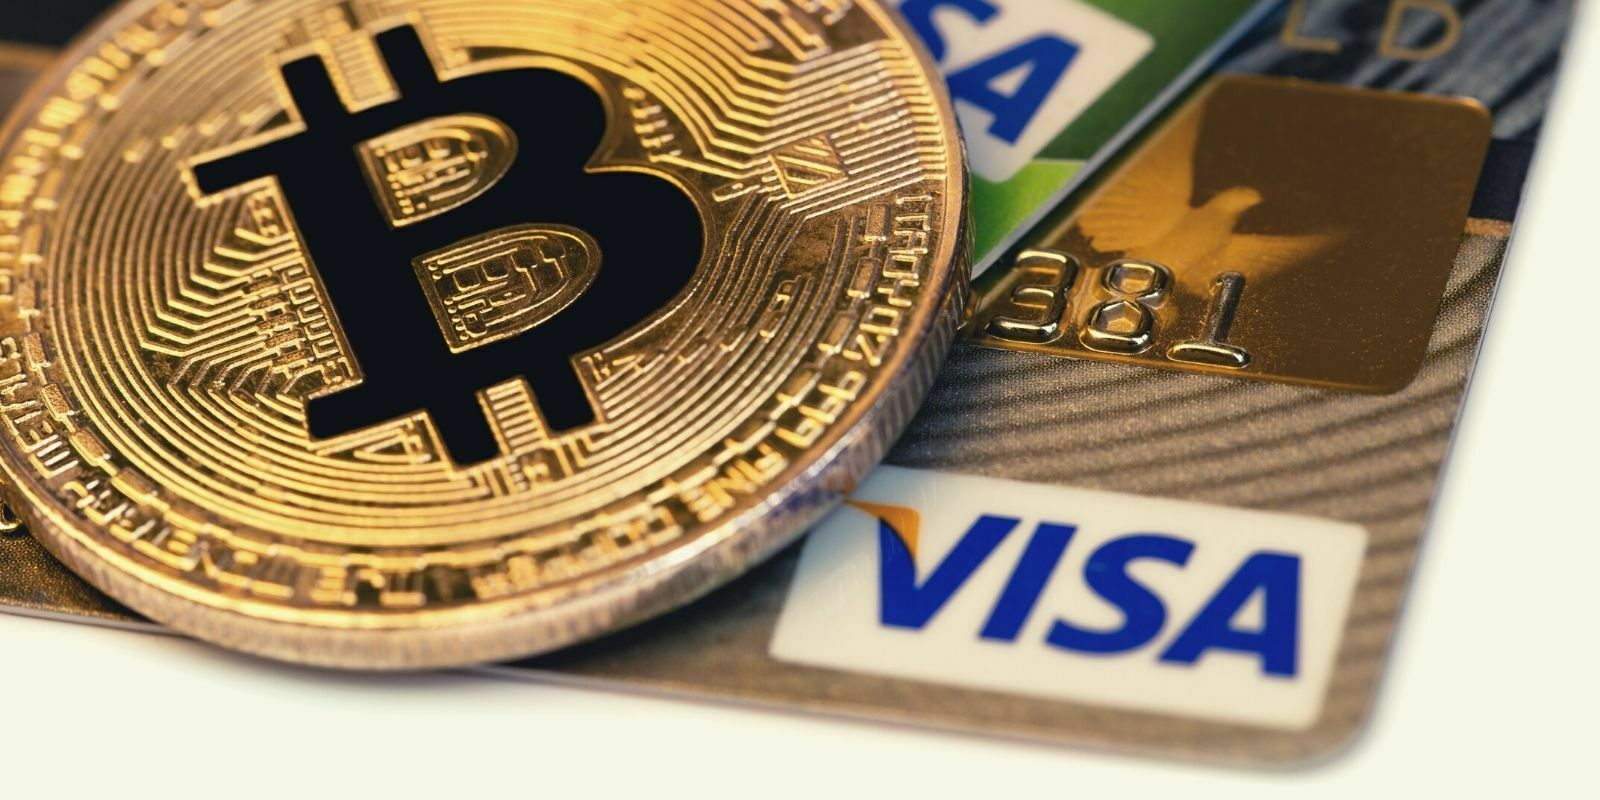 Visa présente ses plans pour s'implanter durablement dans l'industrie des cryptomonnaies